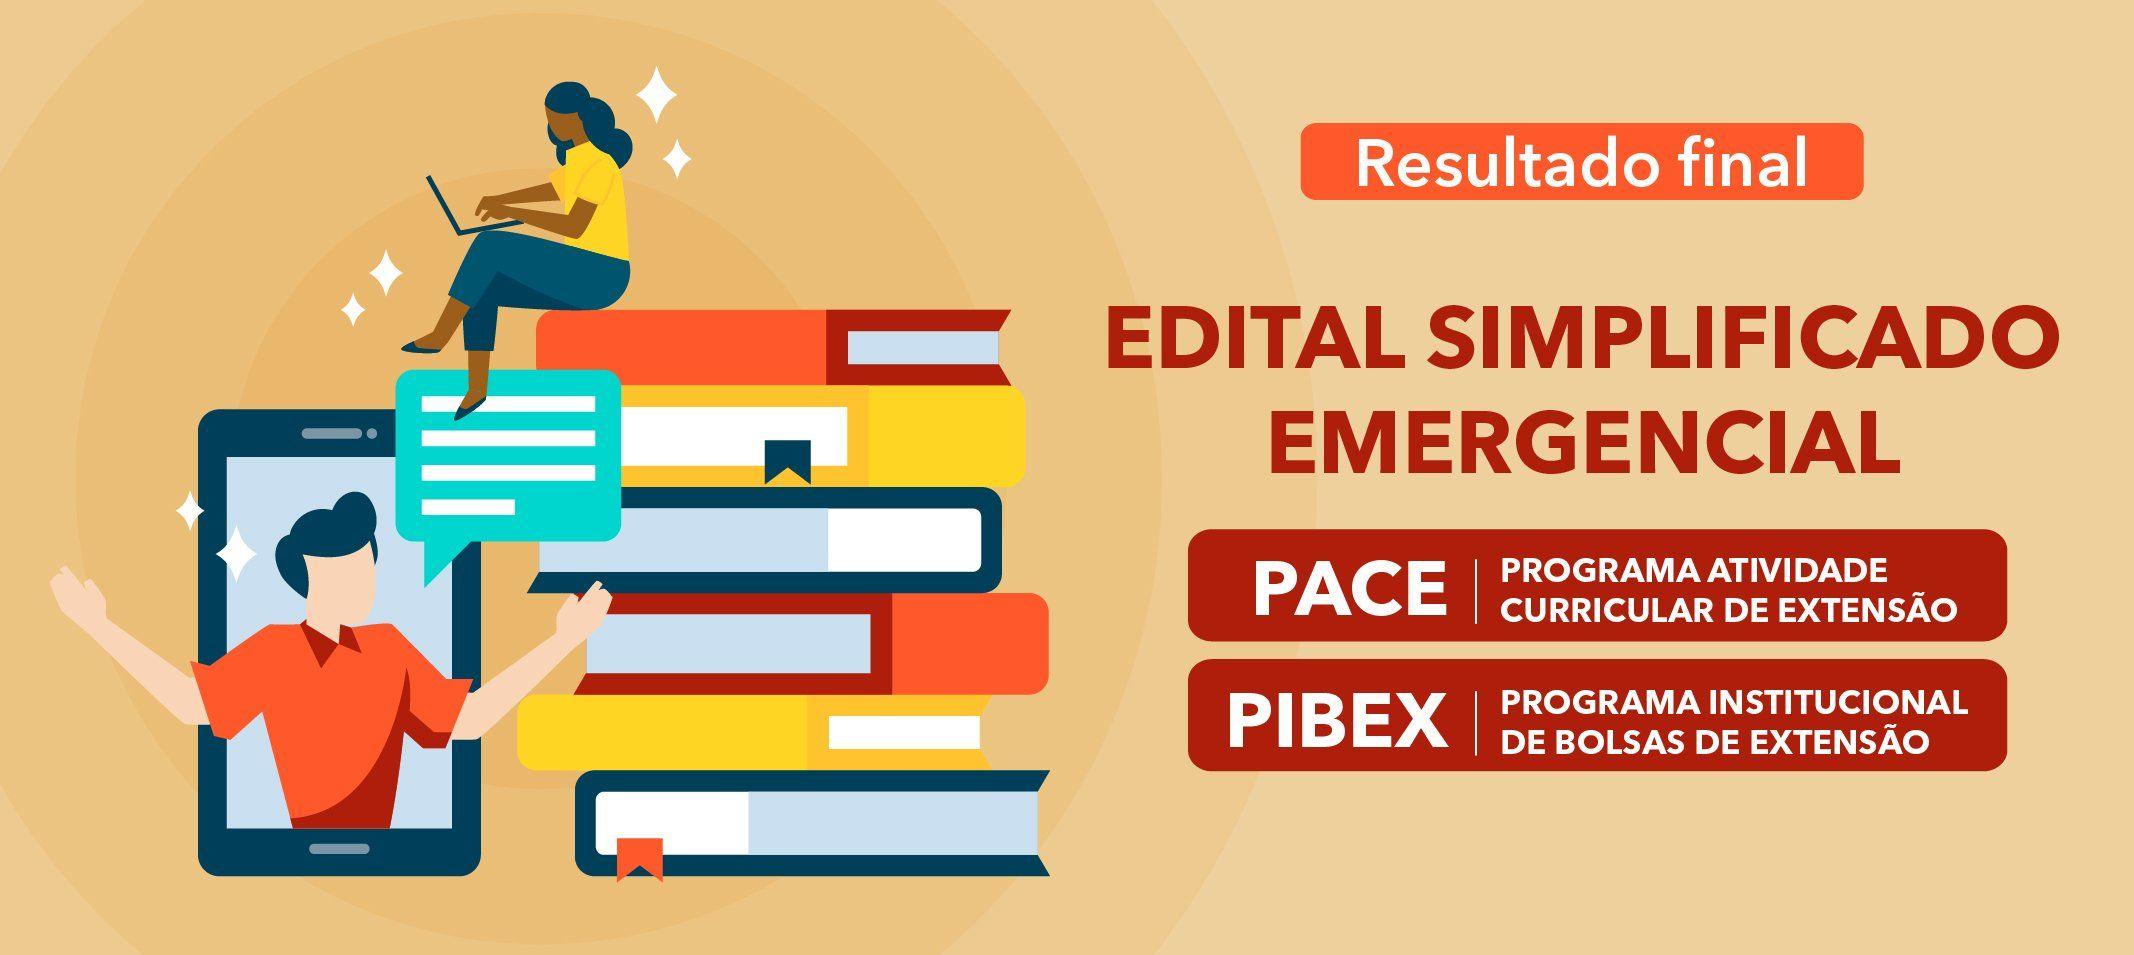 Proext divulga resultado final dos editais de Pibex e Pace Emergenciais